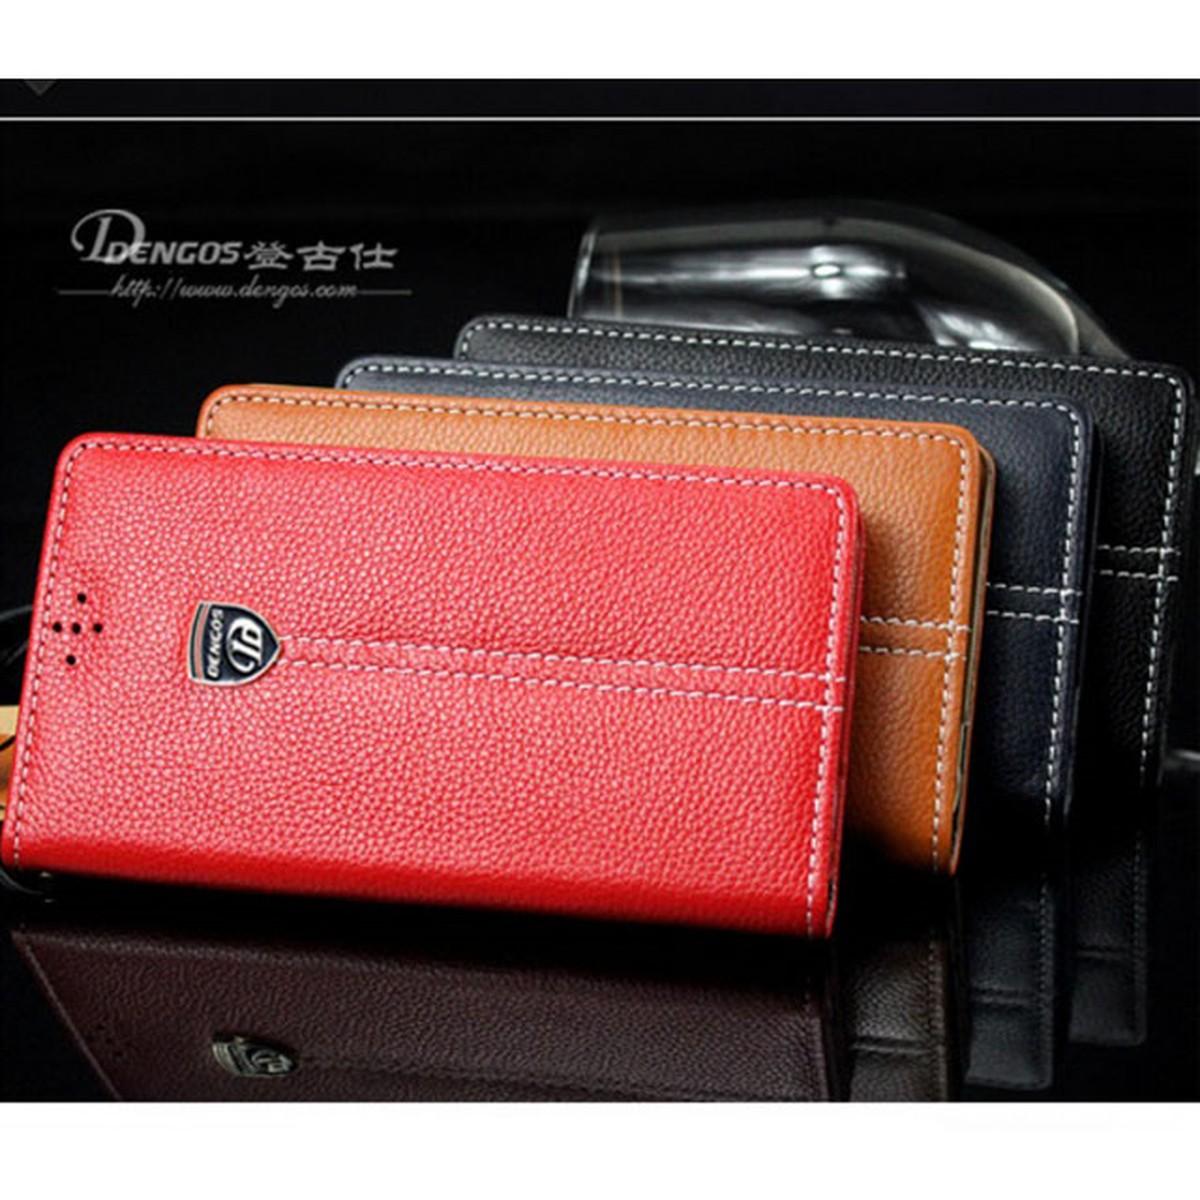 ゆうパケット メール便 送料200円 Xperia Z4 SO-03G SOV31 贈り物 高級本革 スマートフォンケース カバー 黒色 紺色 赤色 本革ケースD 数量限定 茶色